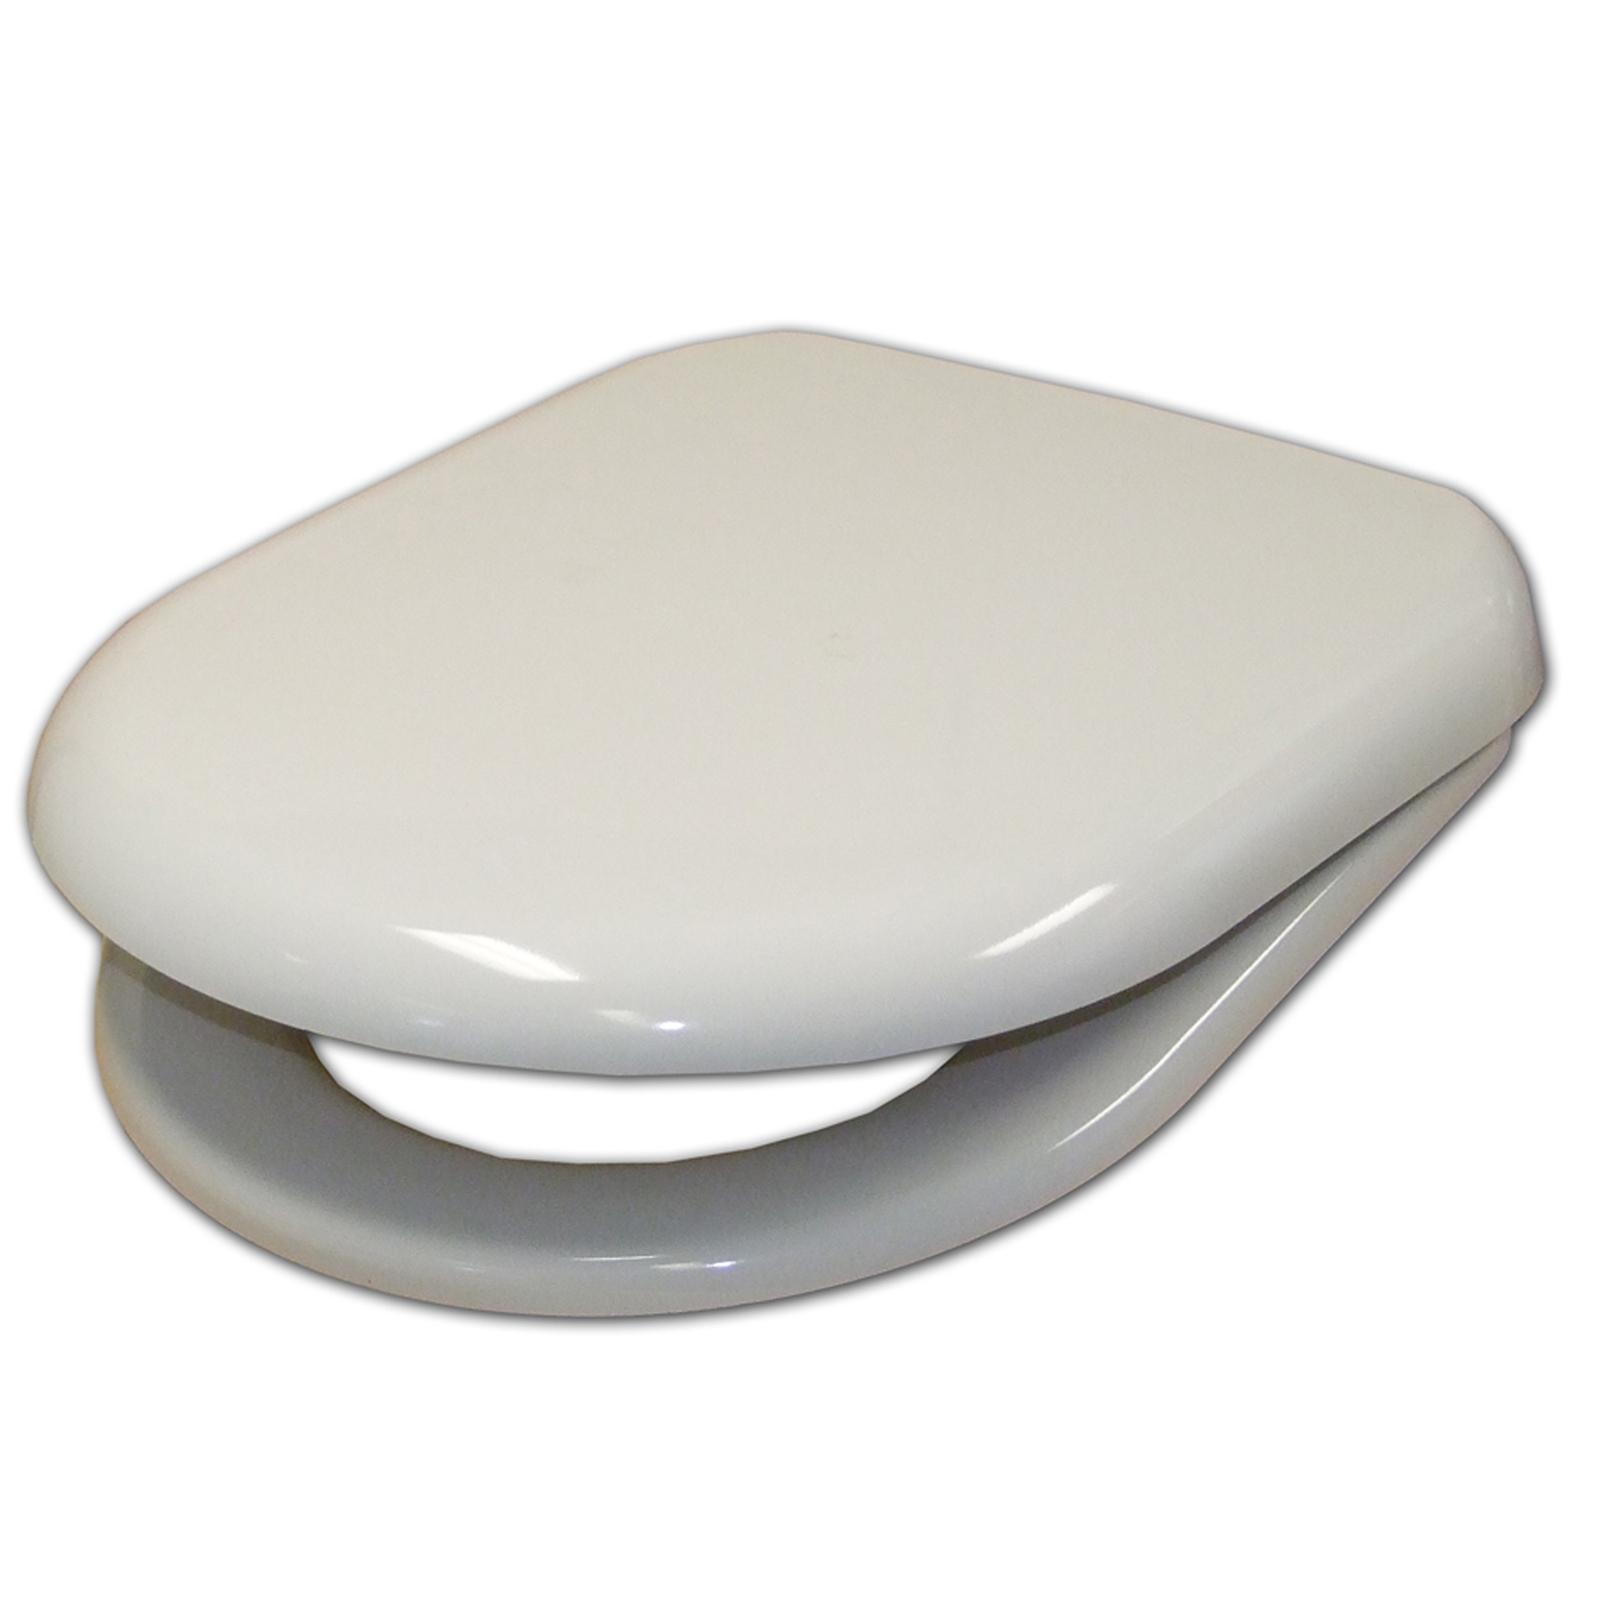 Haron White D Shaped Toilet Seat